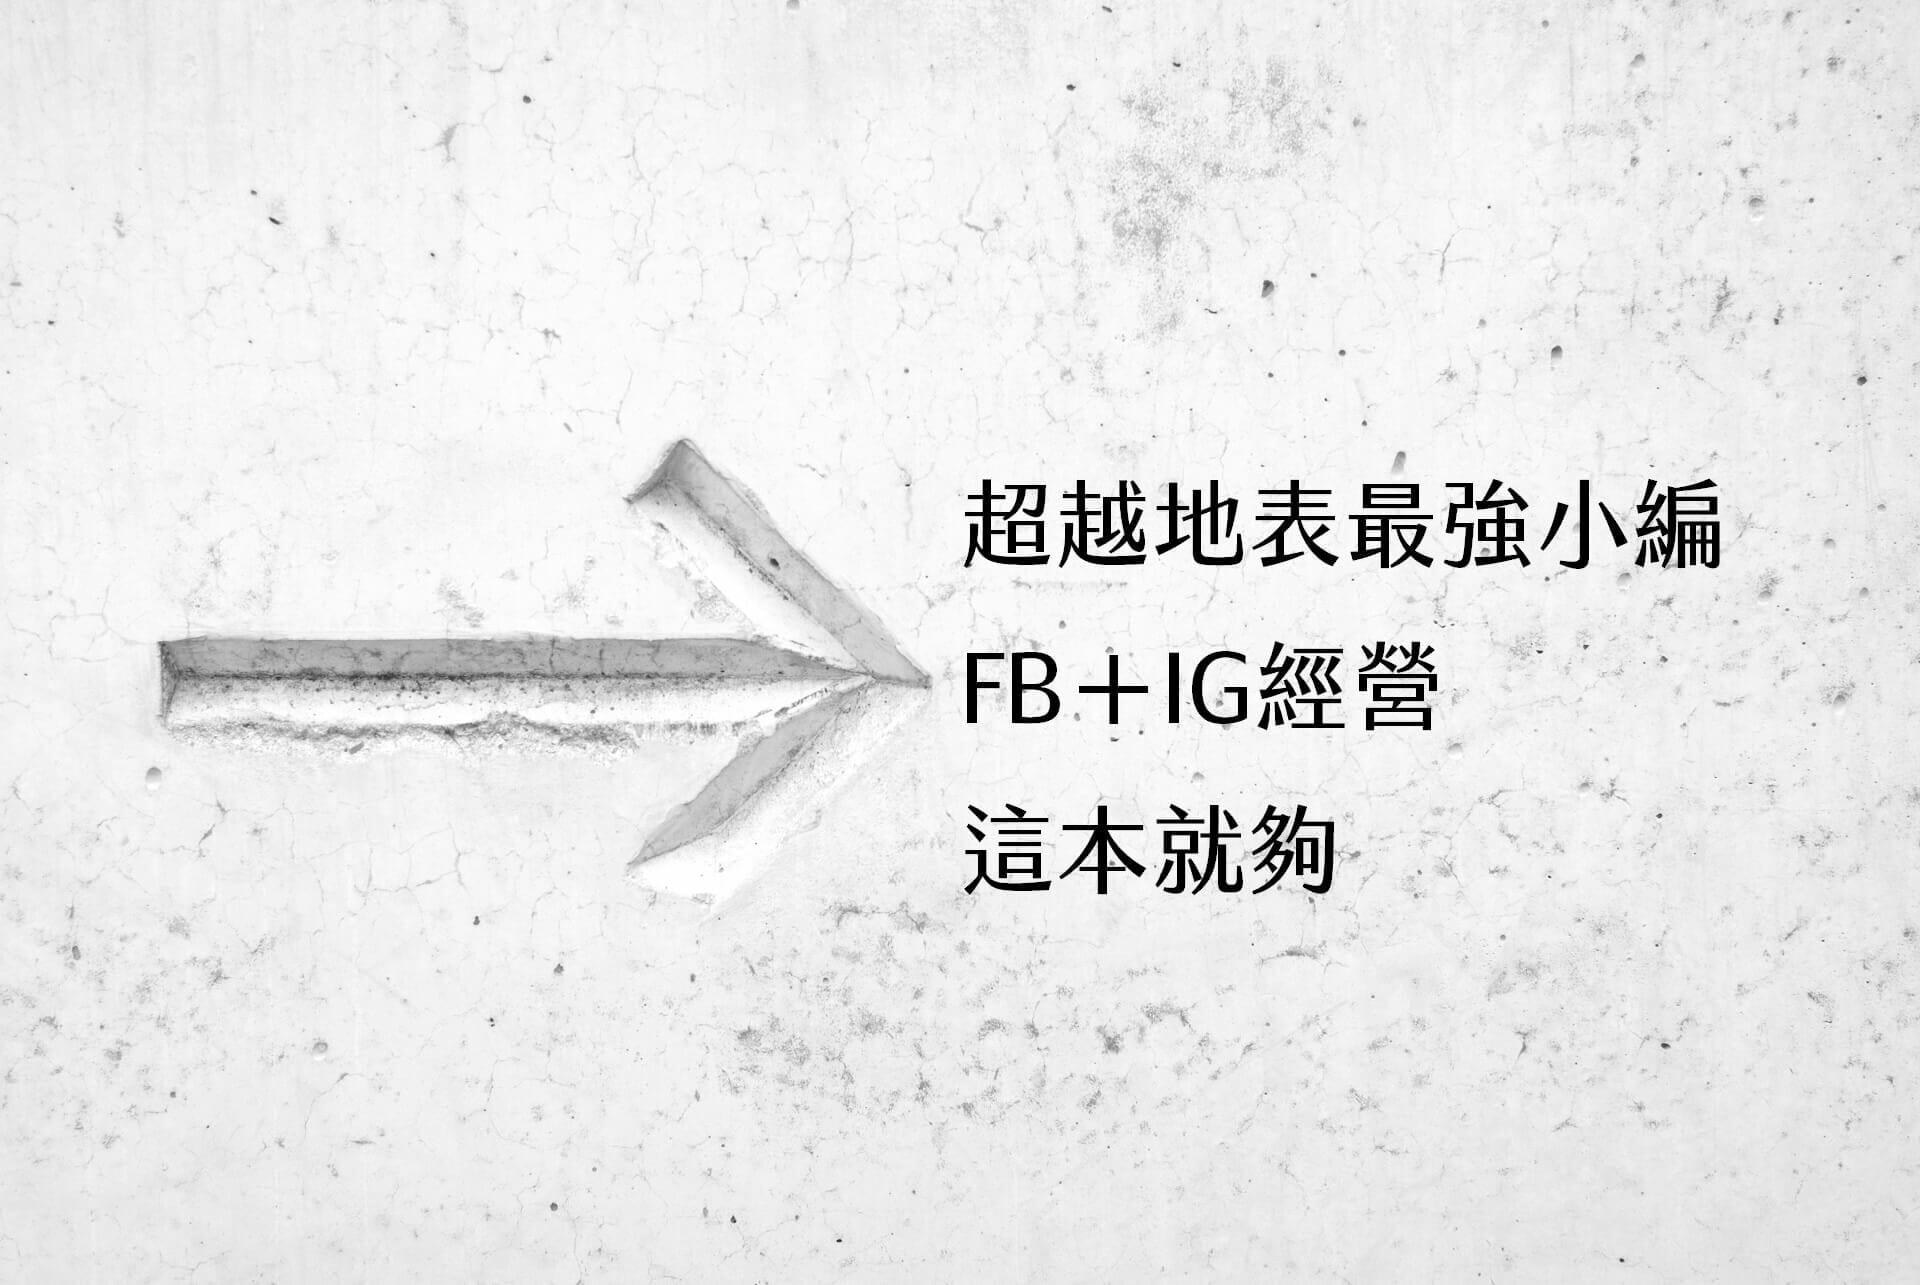 【嘉鴻筆記】超越地表最強小編!社群創業時代:FB+IG經營這本就夠,百萬網紅的實戰筆記 1